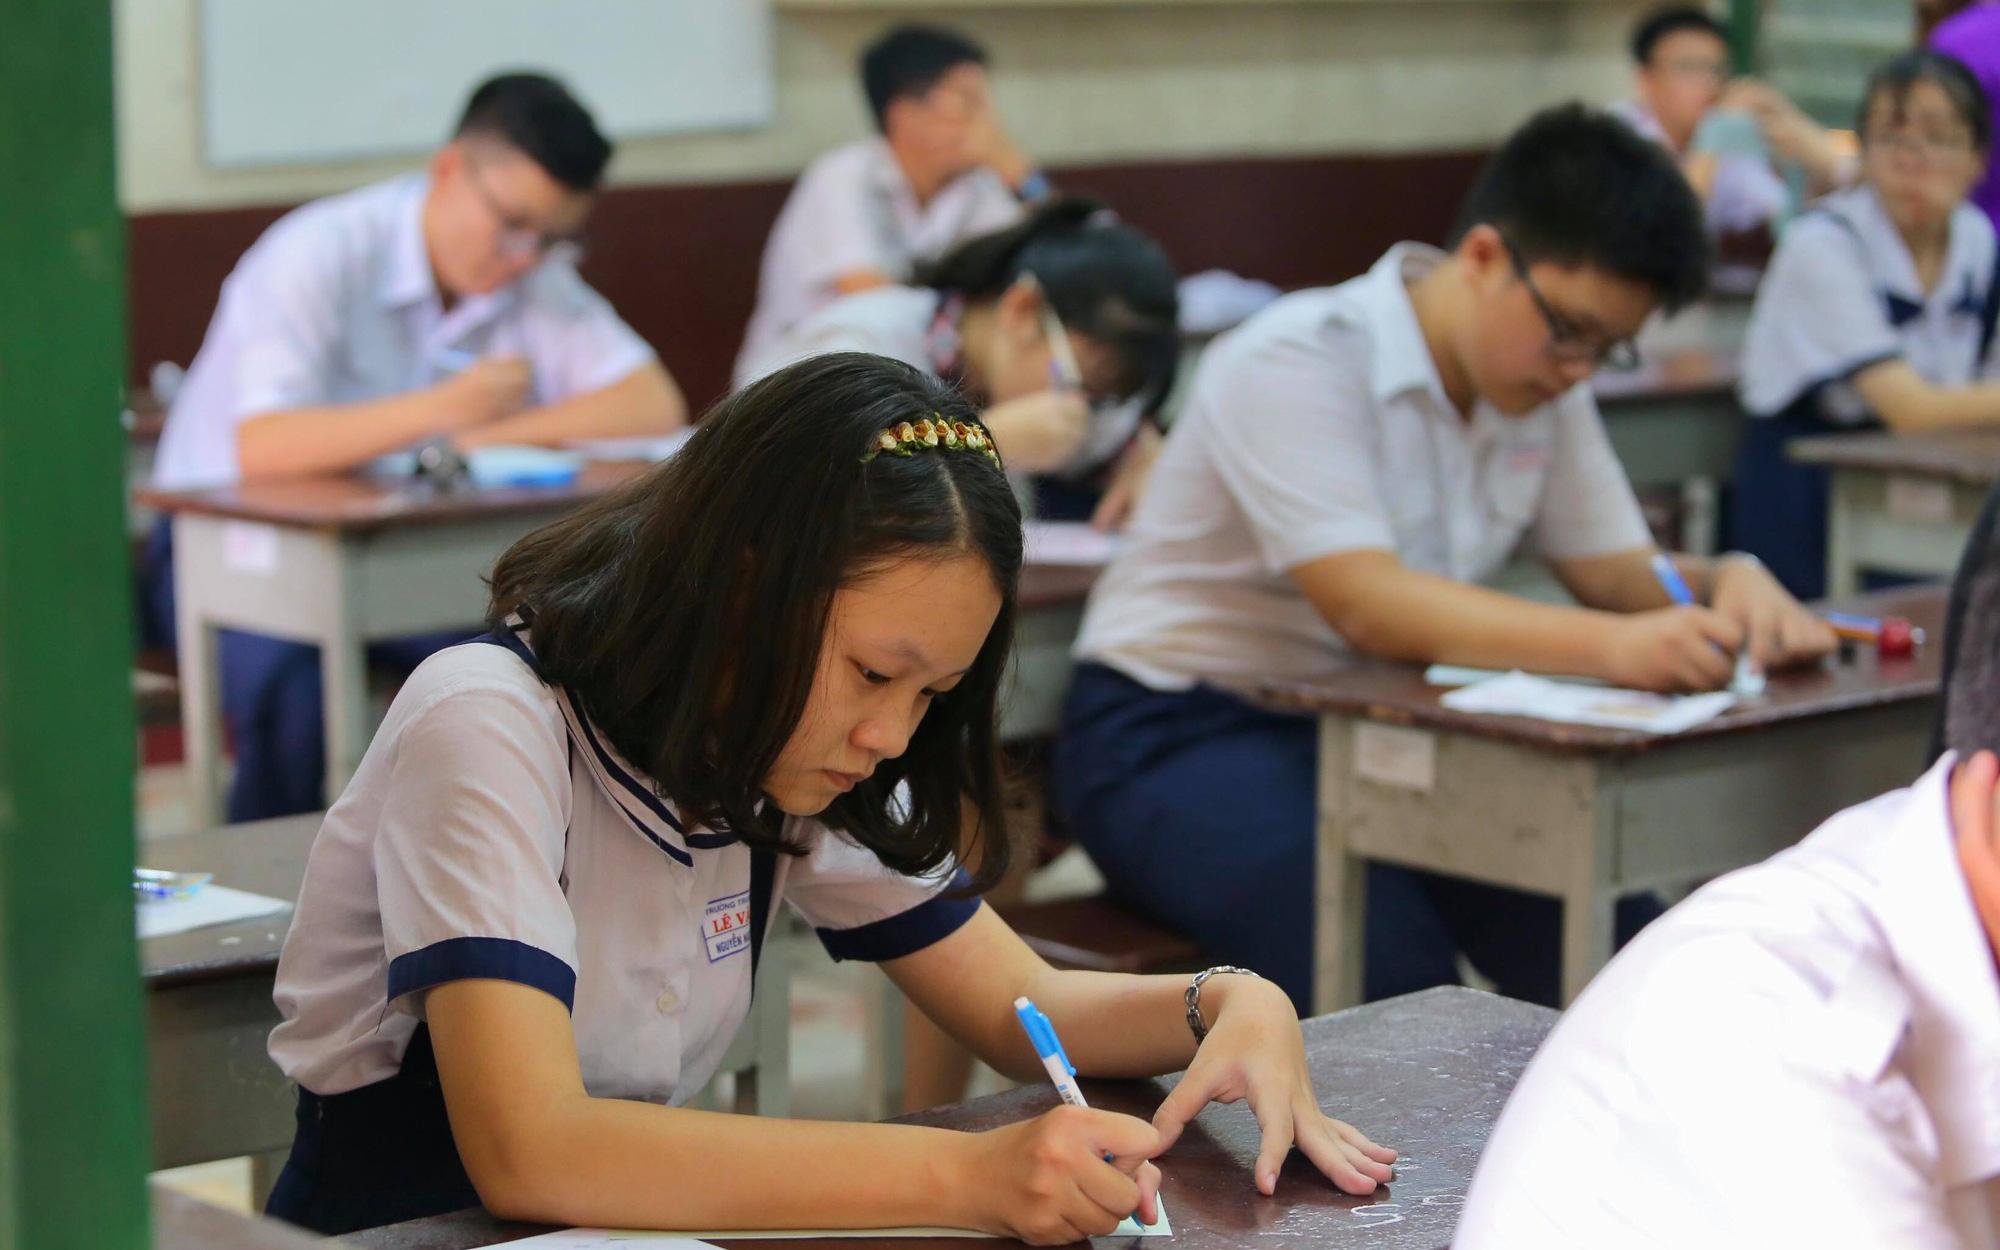 """TP. HCM phải hoàn thành kiểm tra học kỳ II trước 9/5: Học sinh vắt chân lên cổ ôn thi, phụ huynh vừa lo vừa thở phào vì """"may mắn quá"""""""